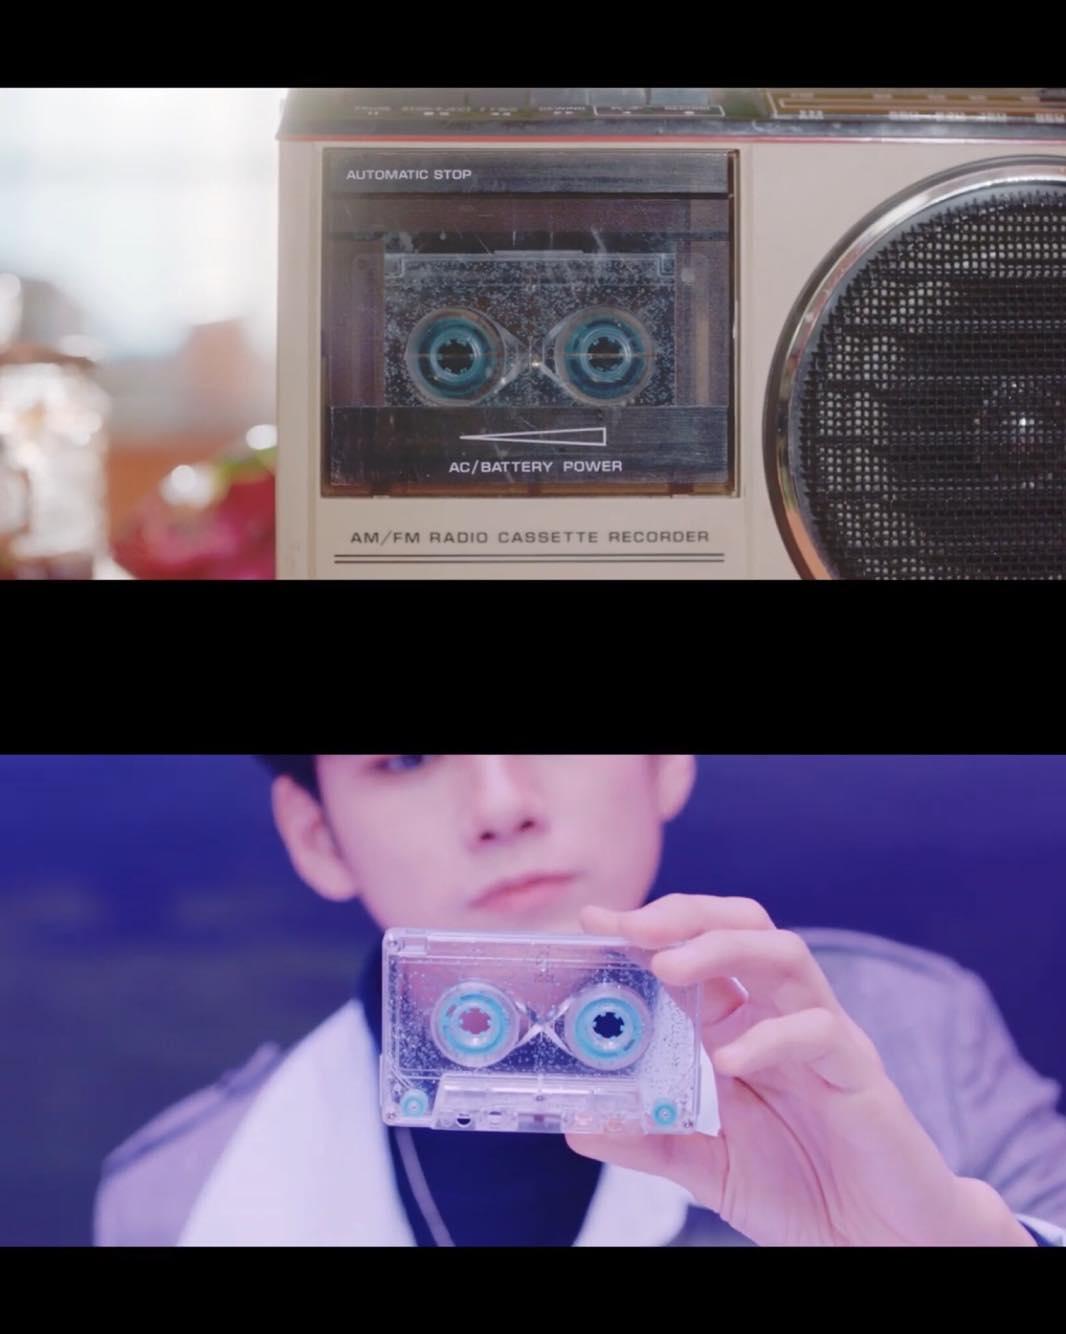 MV最後是一個顯示無限的錄音帶,而這一個錄音帶是一直播放著,相信這就是我們之間的故事,永遠未完待續.....